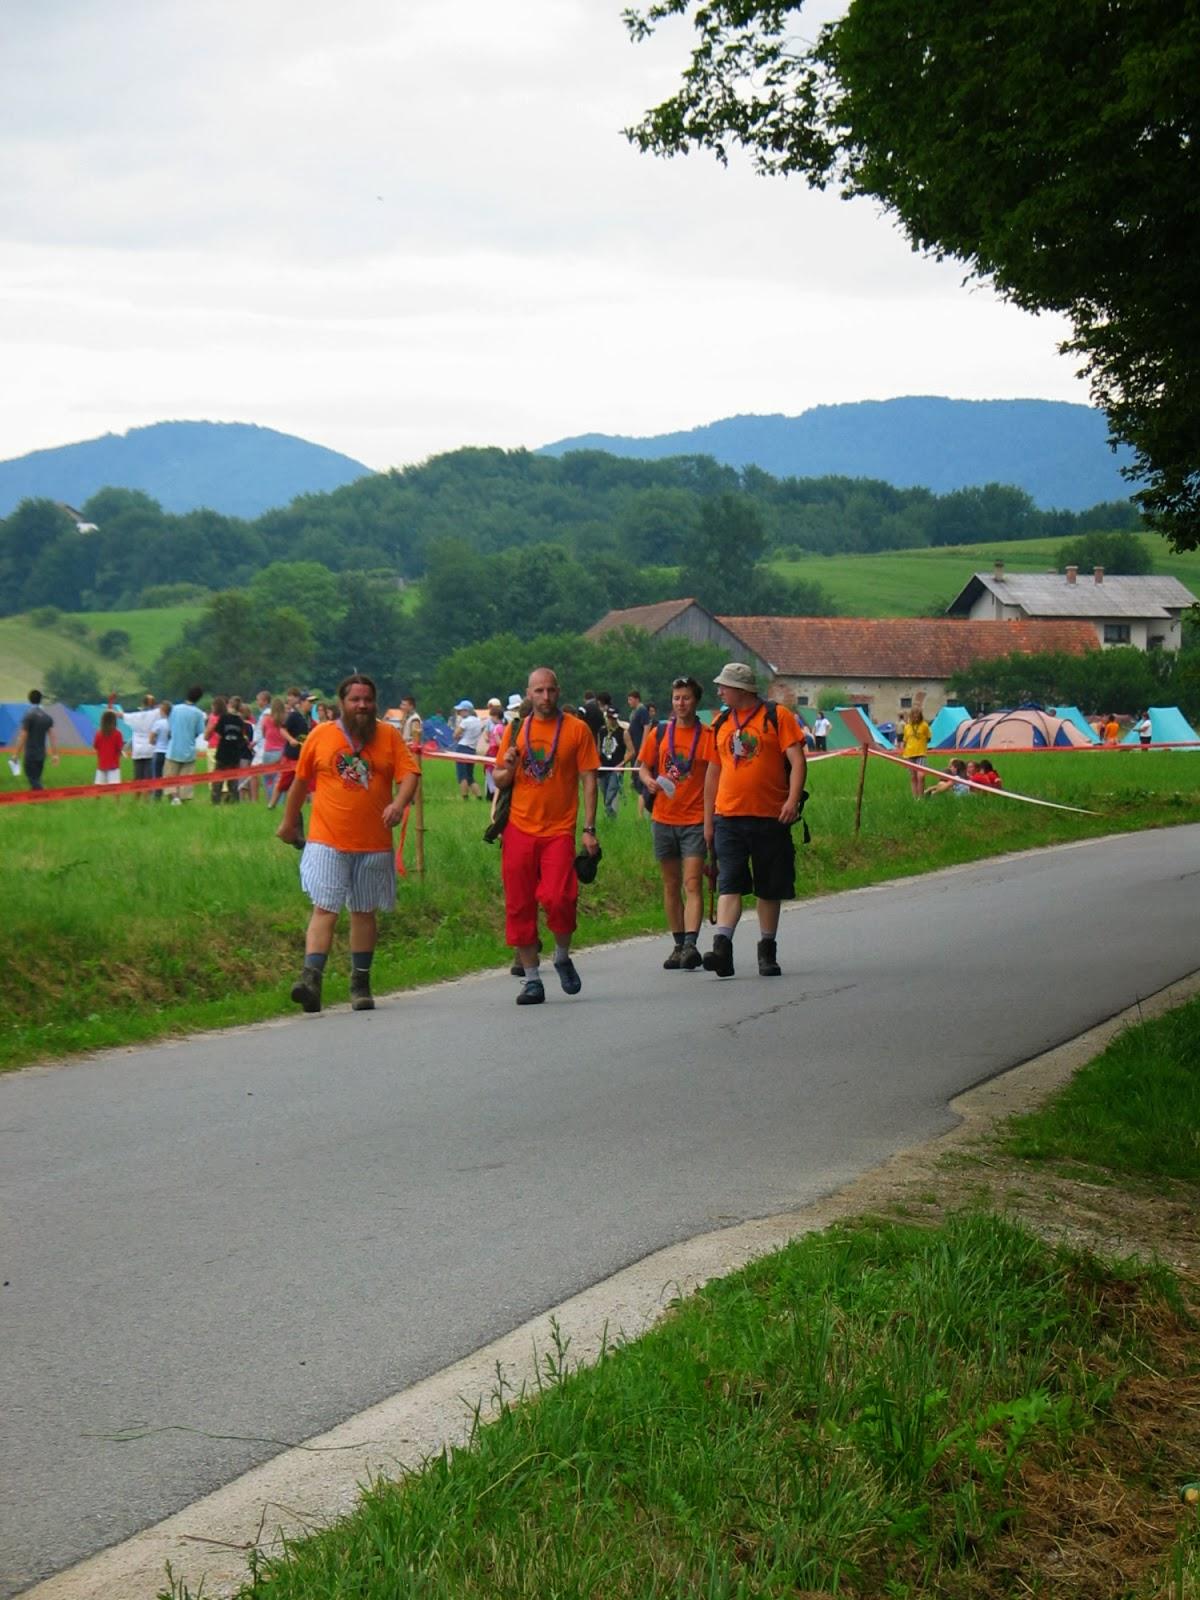 Državni mnogoboj, Slovenska Bistrica 2005 - Mnogoboj%2B2005%2B004.jpg